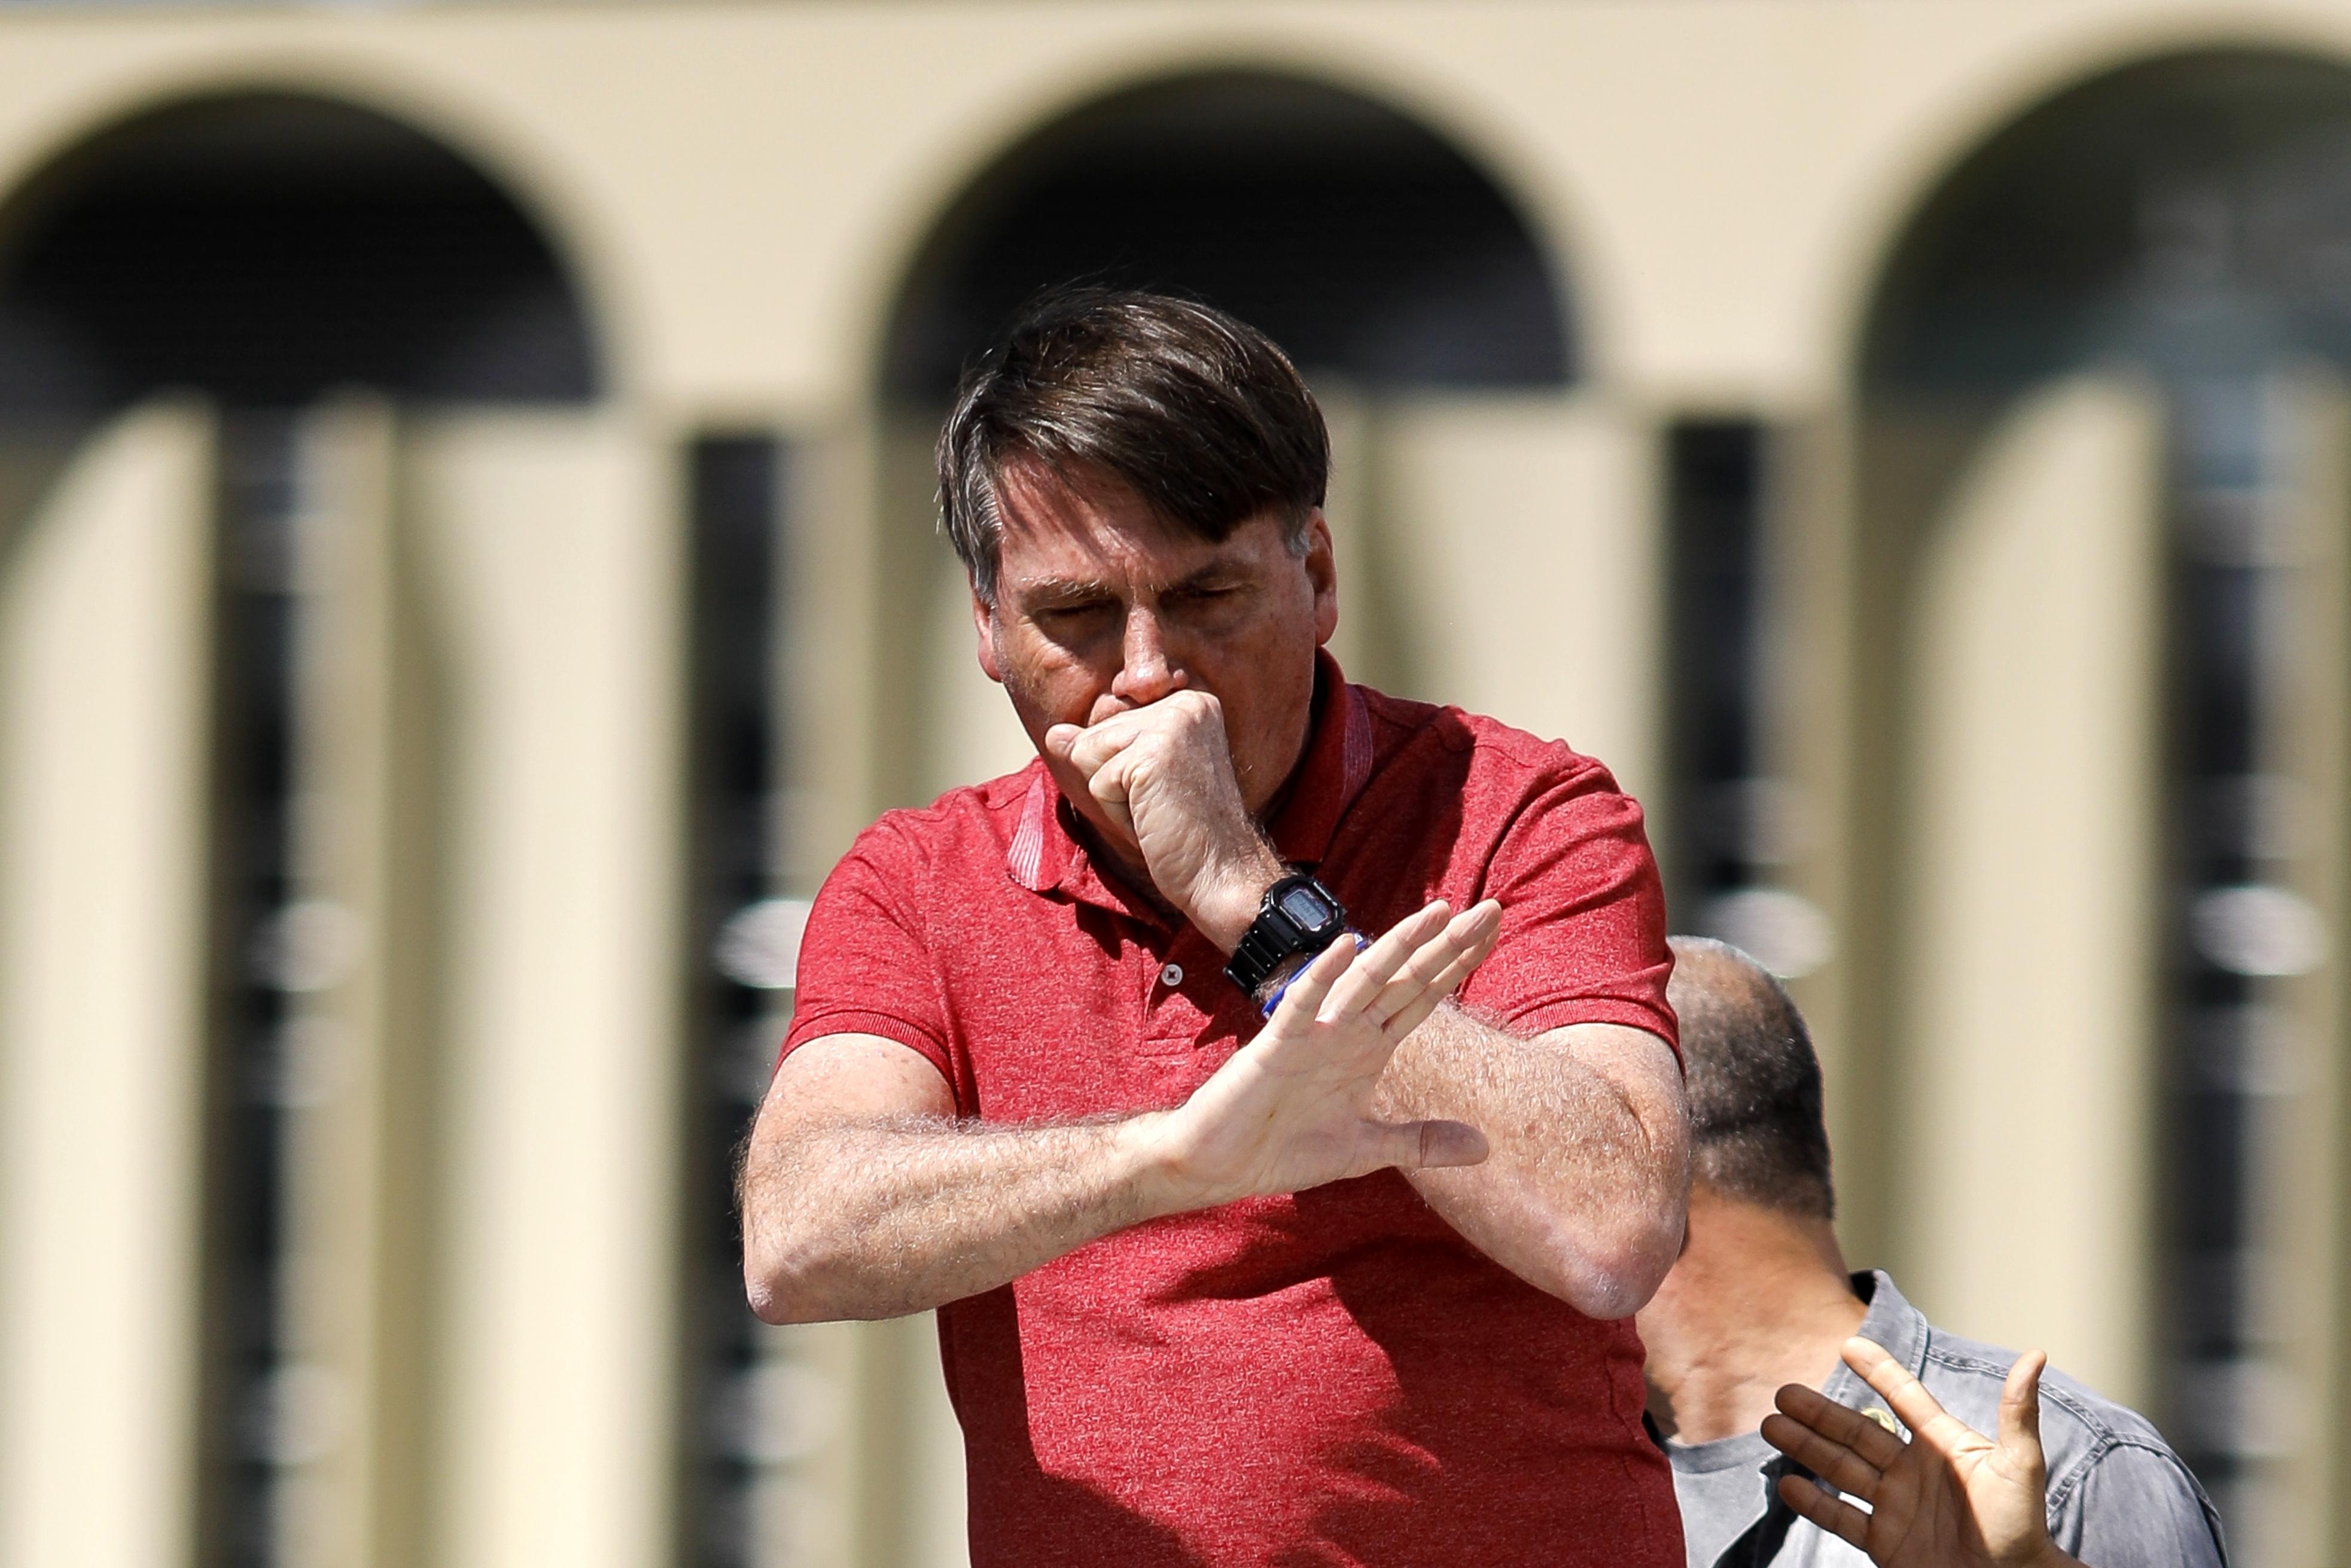 Bolsonaro tosiendo durante un discurso ante sus seguidores que protestaron contra los confinamientos impuestos en algunos estados, el 19 de abril pasado. A contramano de los recomendado por la OMS de toser sobre los codos, el presidente tose en su mano (Photo by Sergio LIMA / AFP)